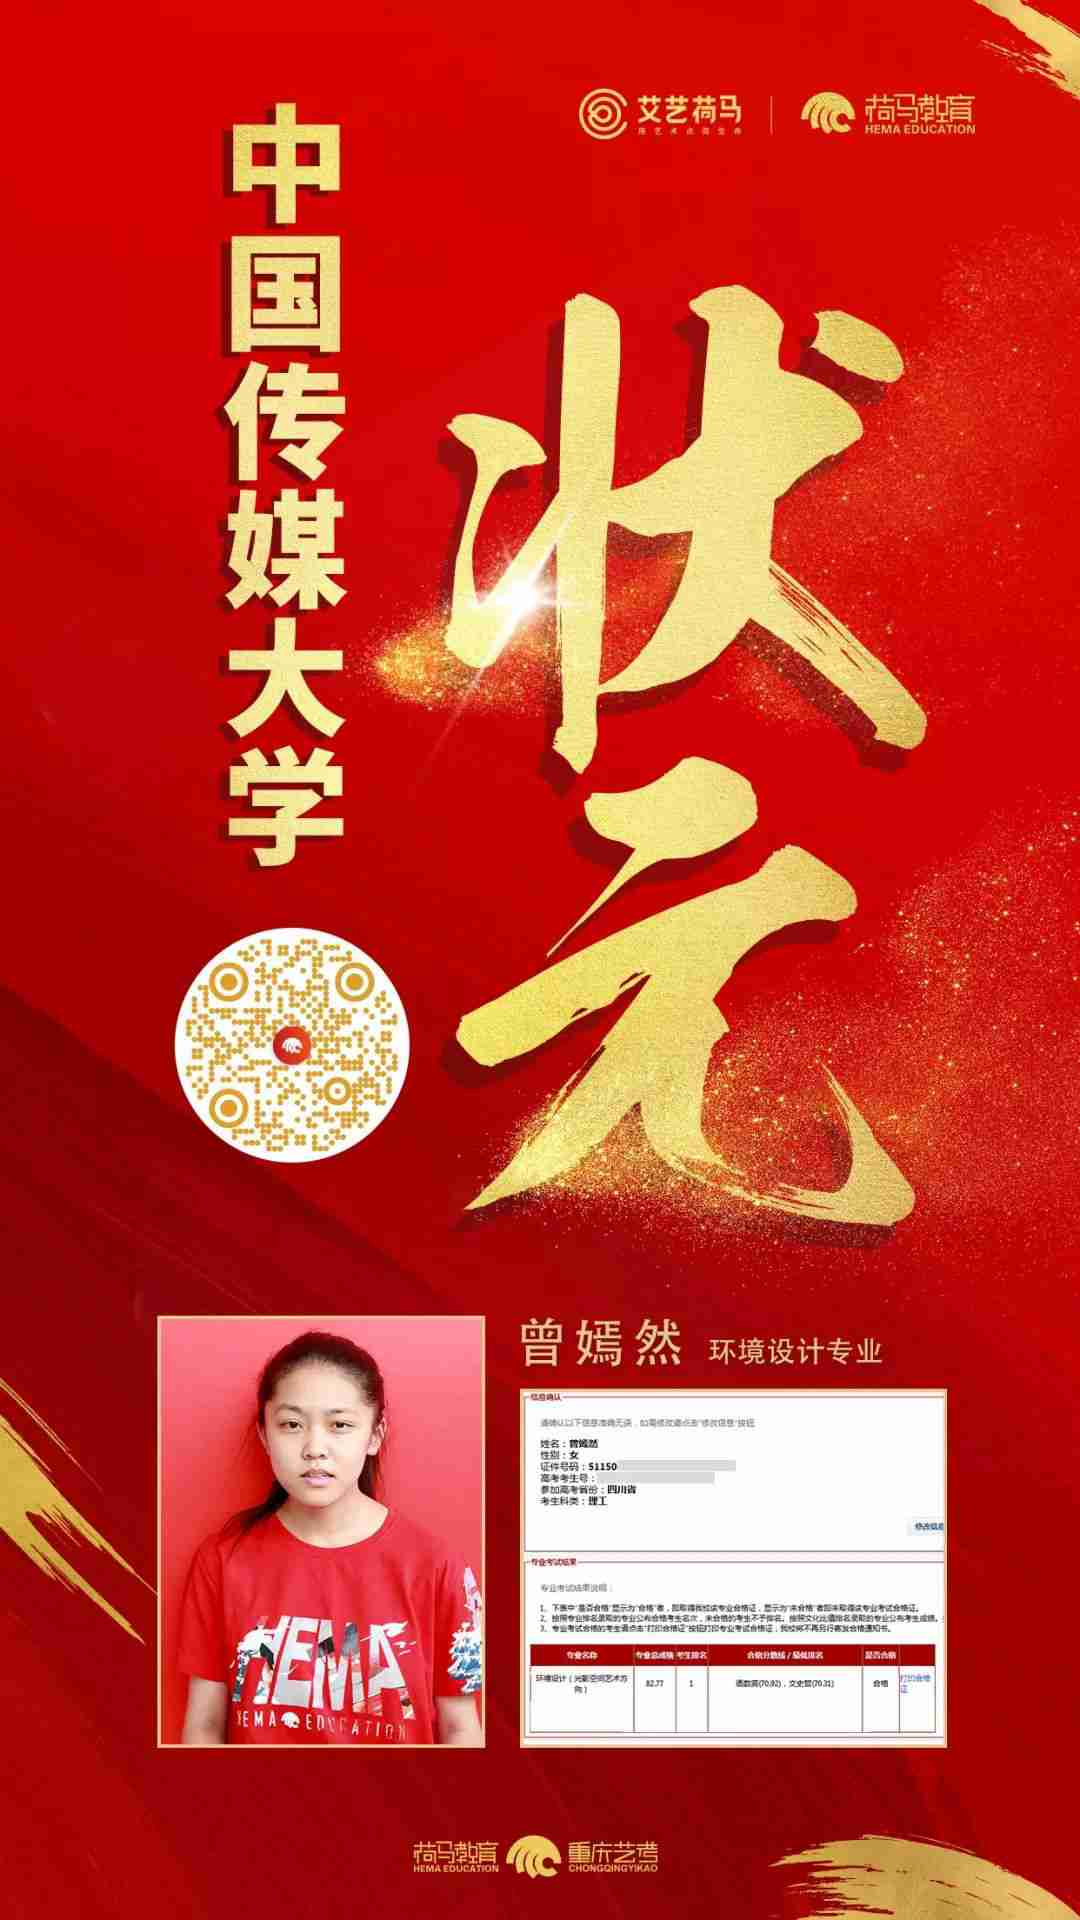 荷马教育中国传媒大学环境专业设计第一名